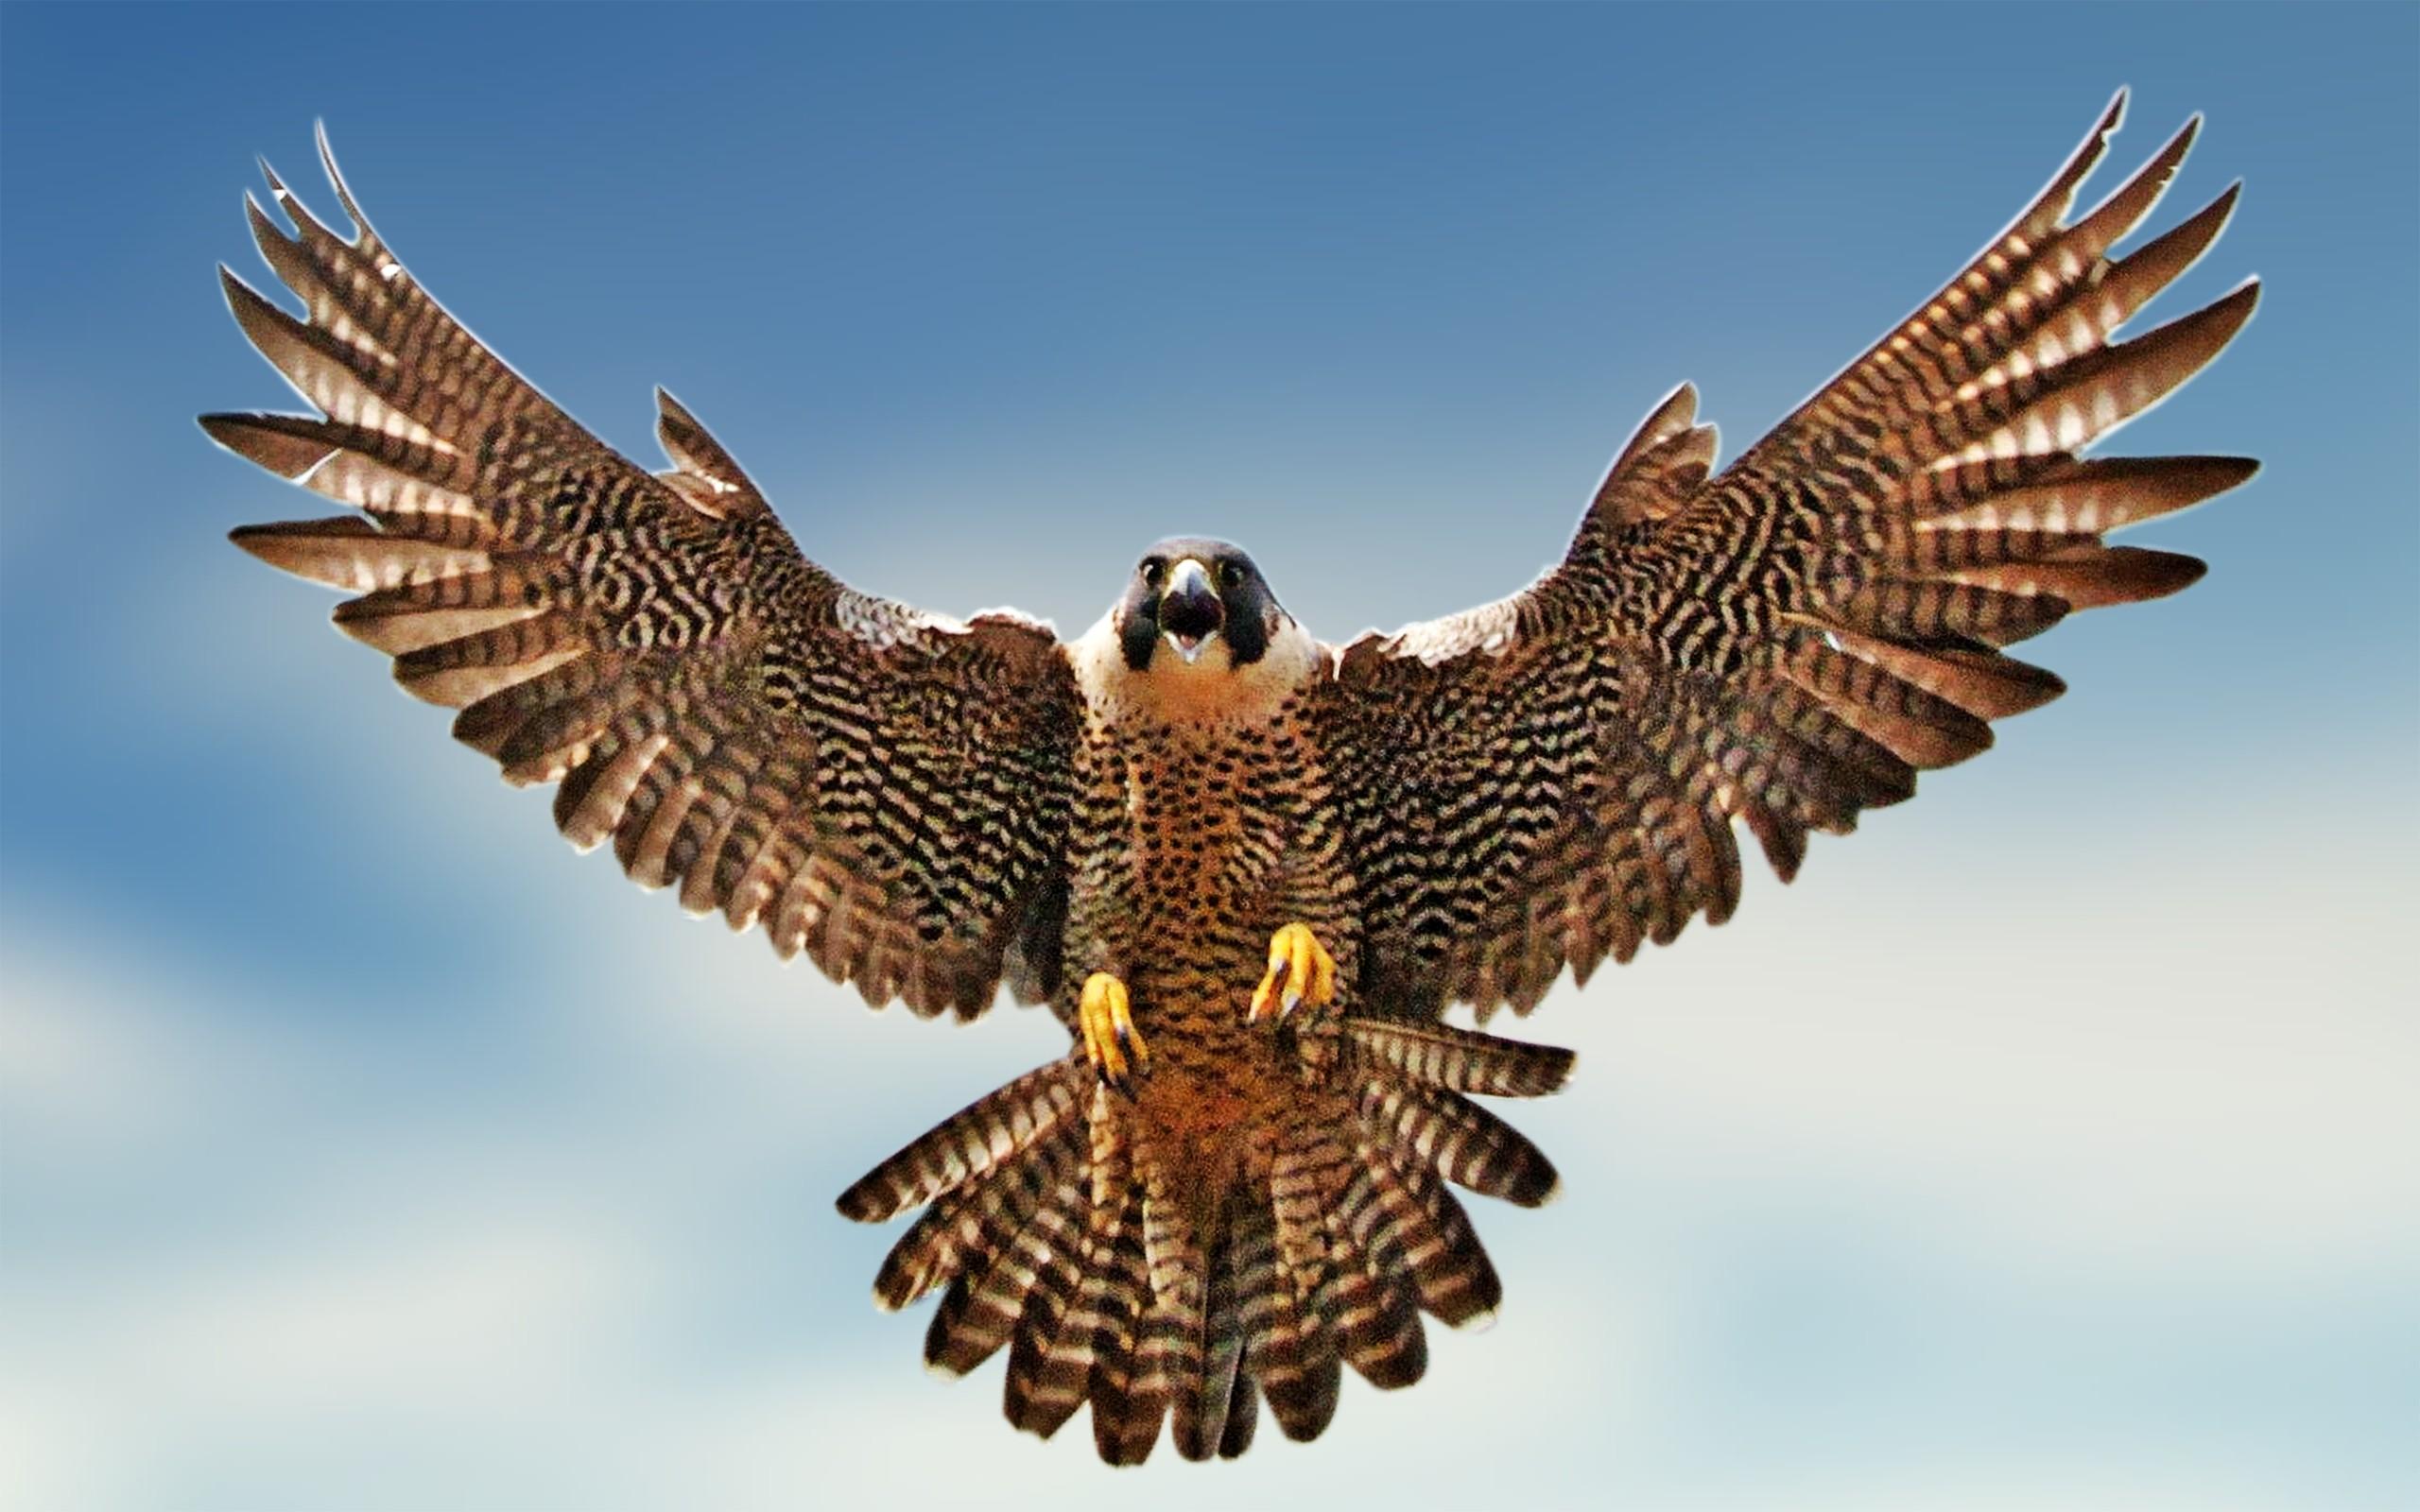 Falcon clipart web image